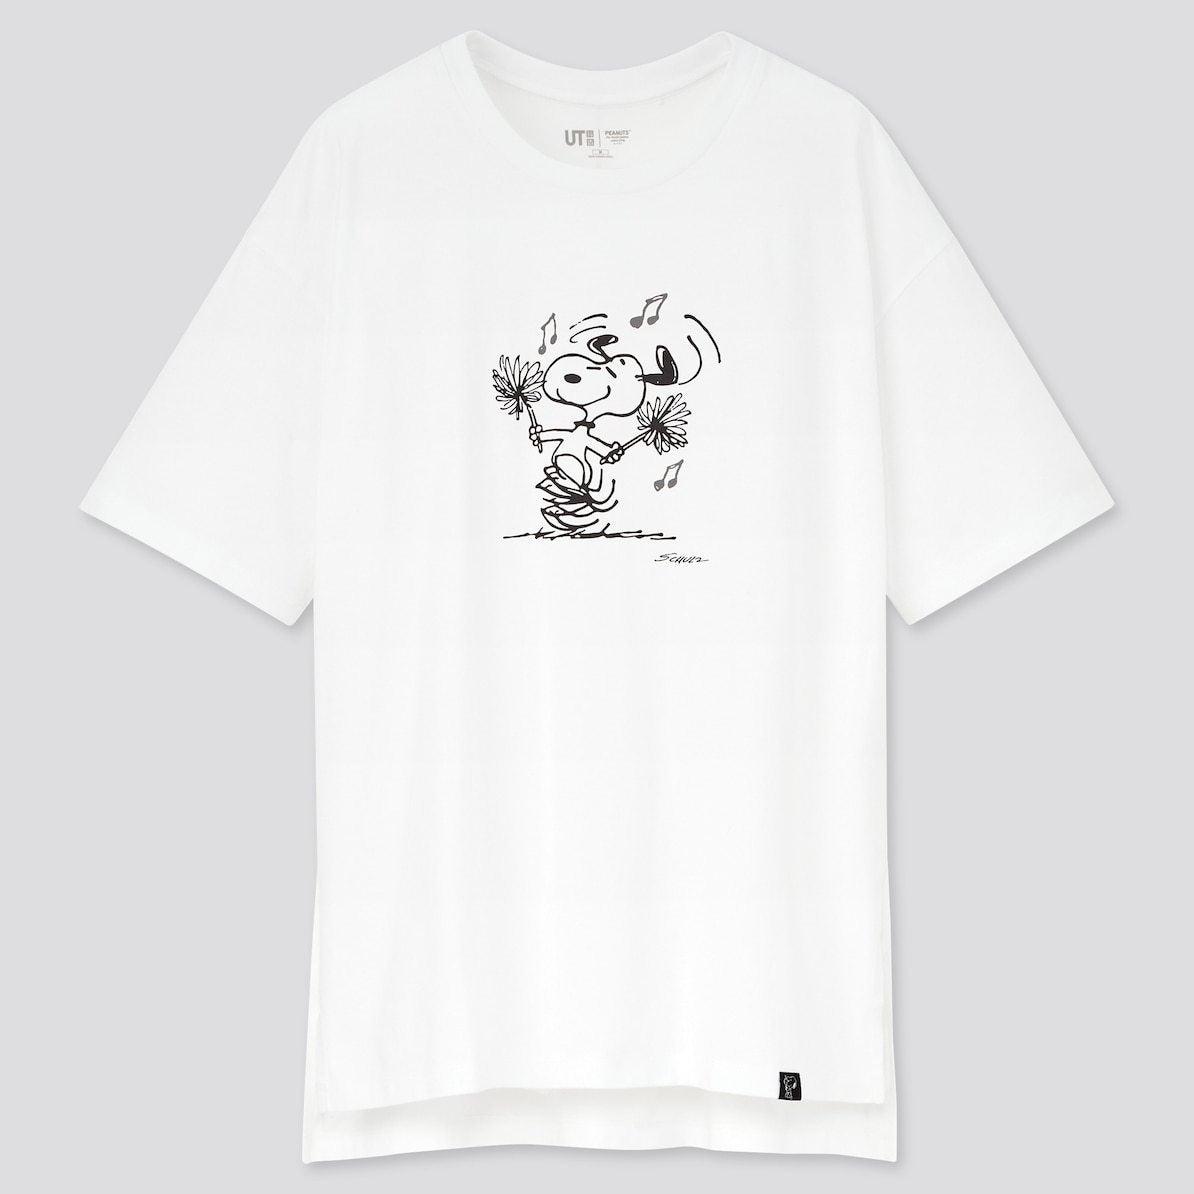 ユニクロ UNIQLO UT Tシャツ ユーティー スヌーピー ピーナッツ SNOOPY PEANUTS ヴィンテージ VINTAGE コラボ 新作 トップス おすすめ レディース 女性 白 ホワイト